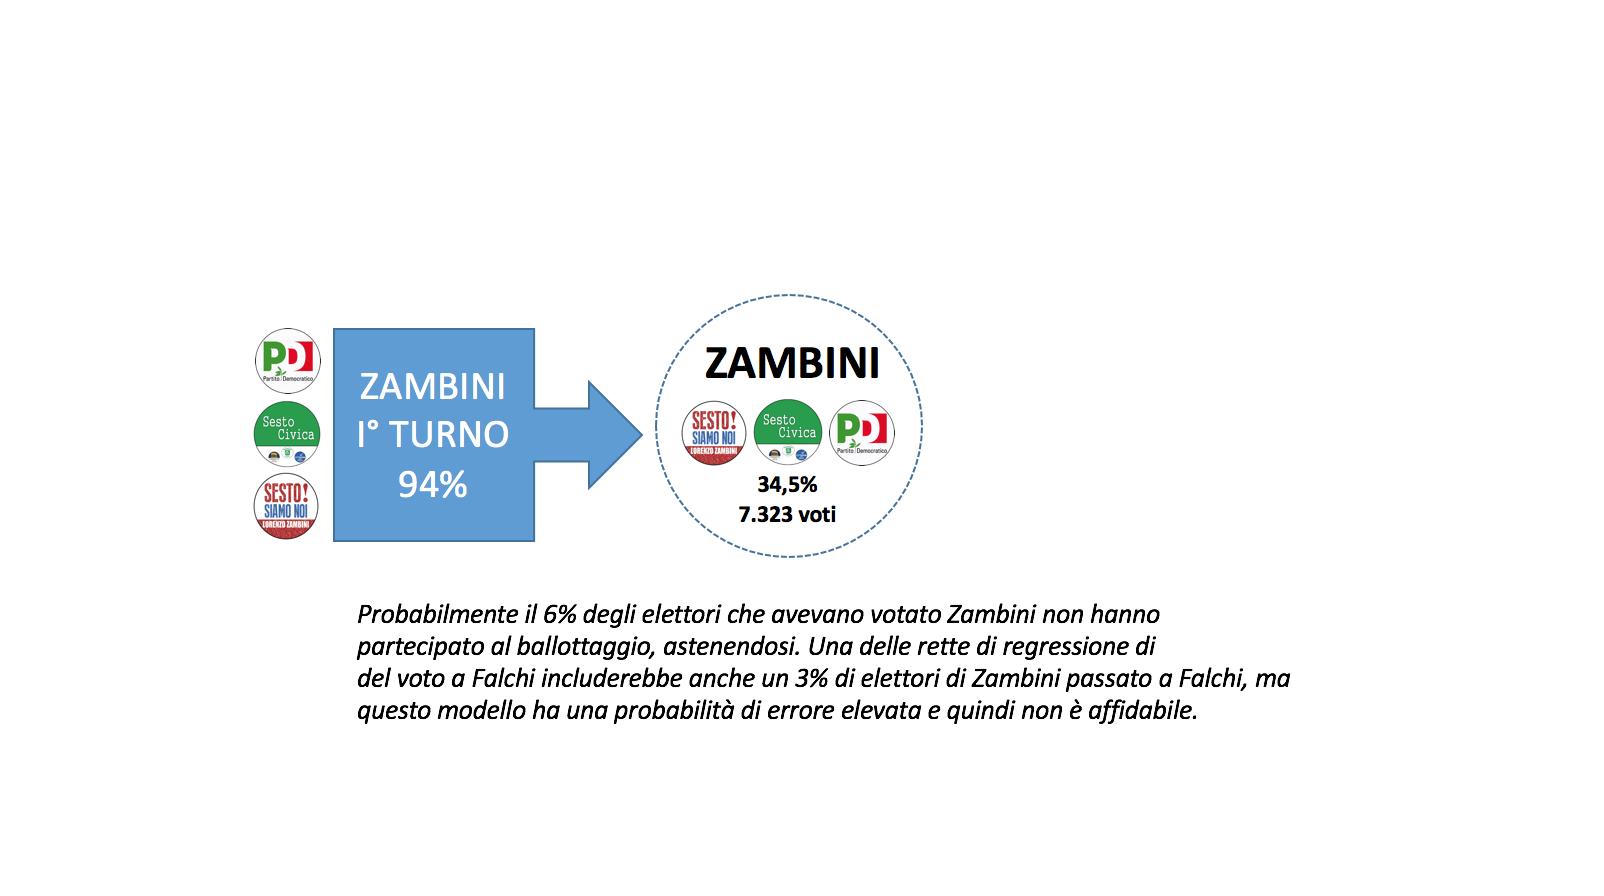 Zambini flussi ballottaggio 2016